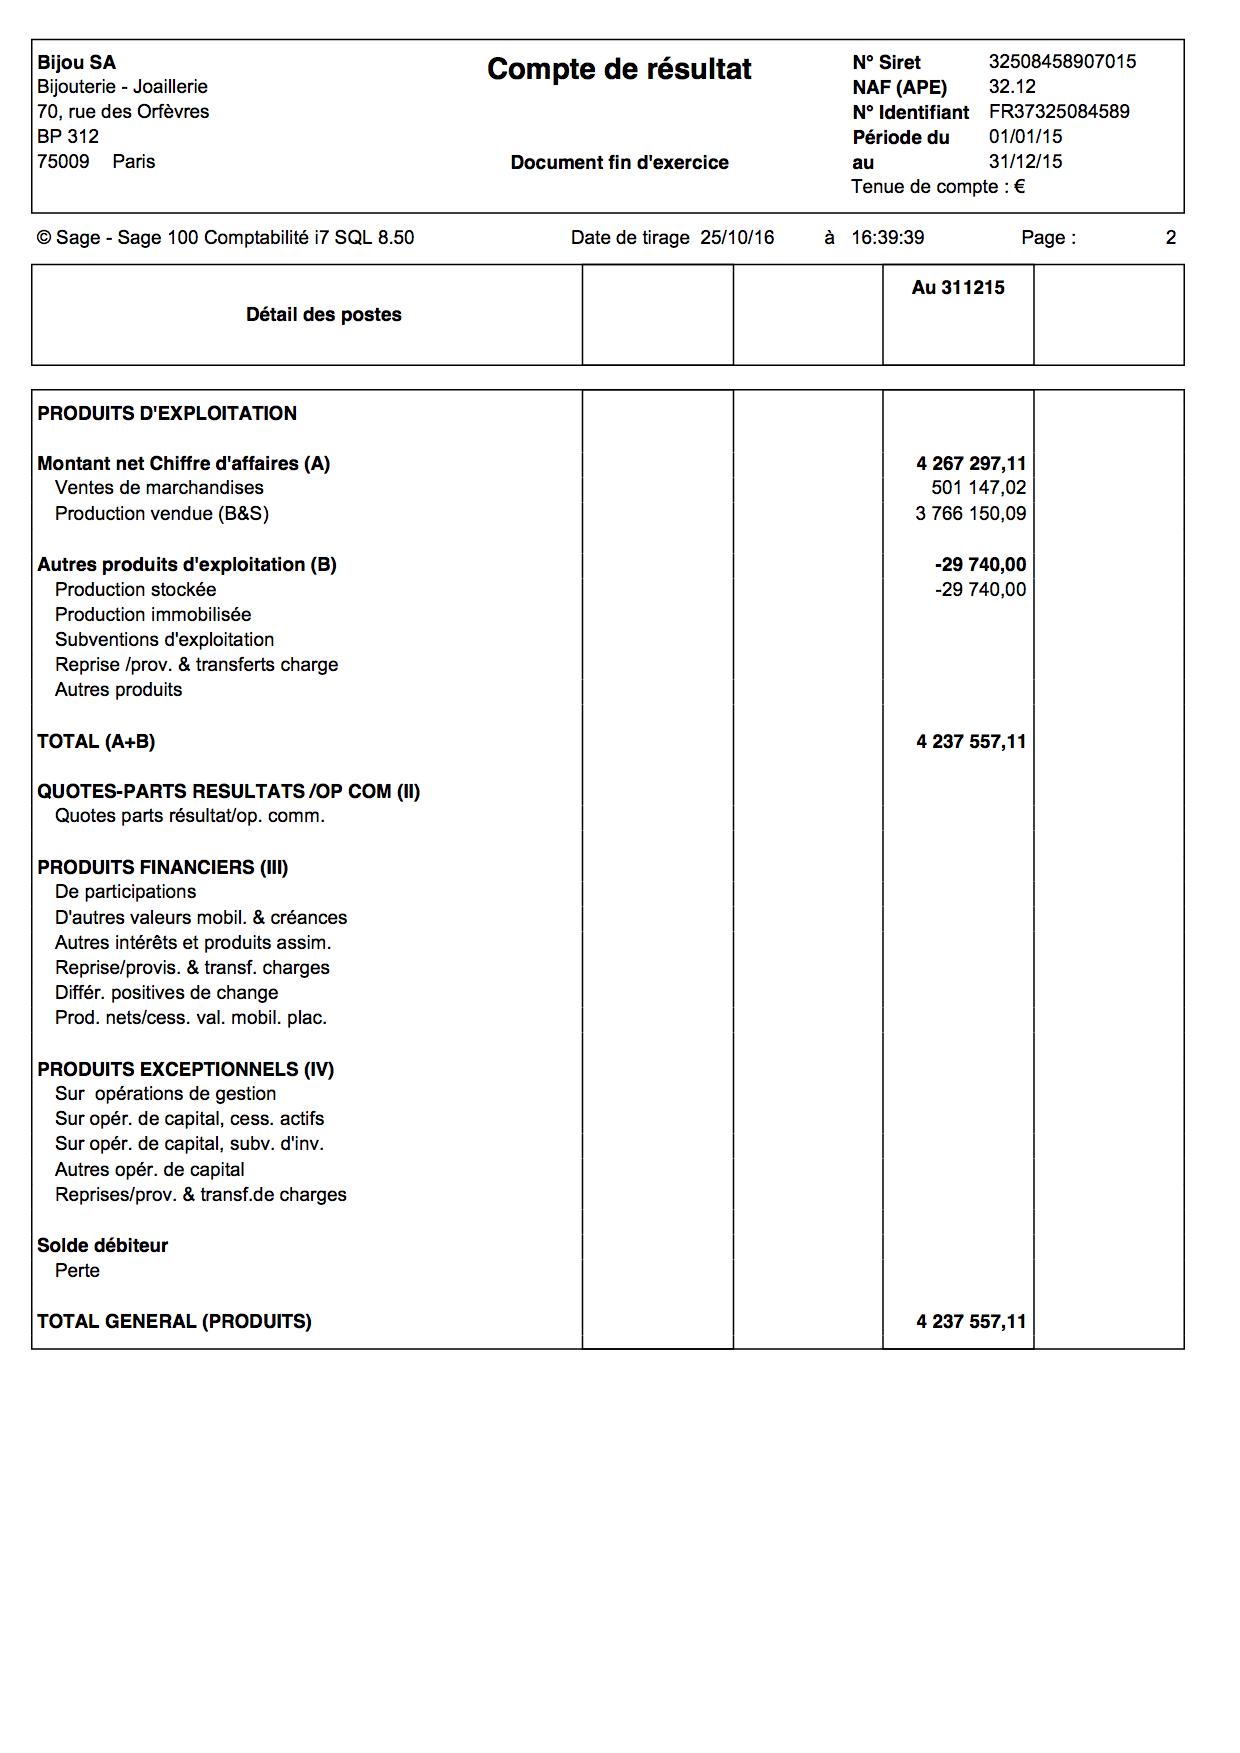 Comment Faire Un Compte De Resultat En 3 Etapes